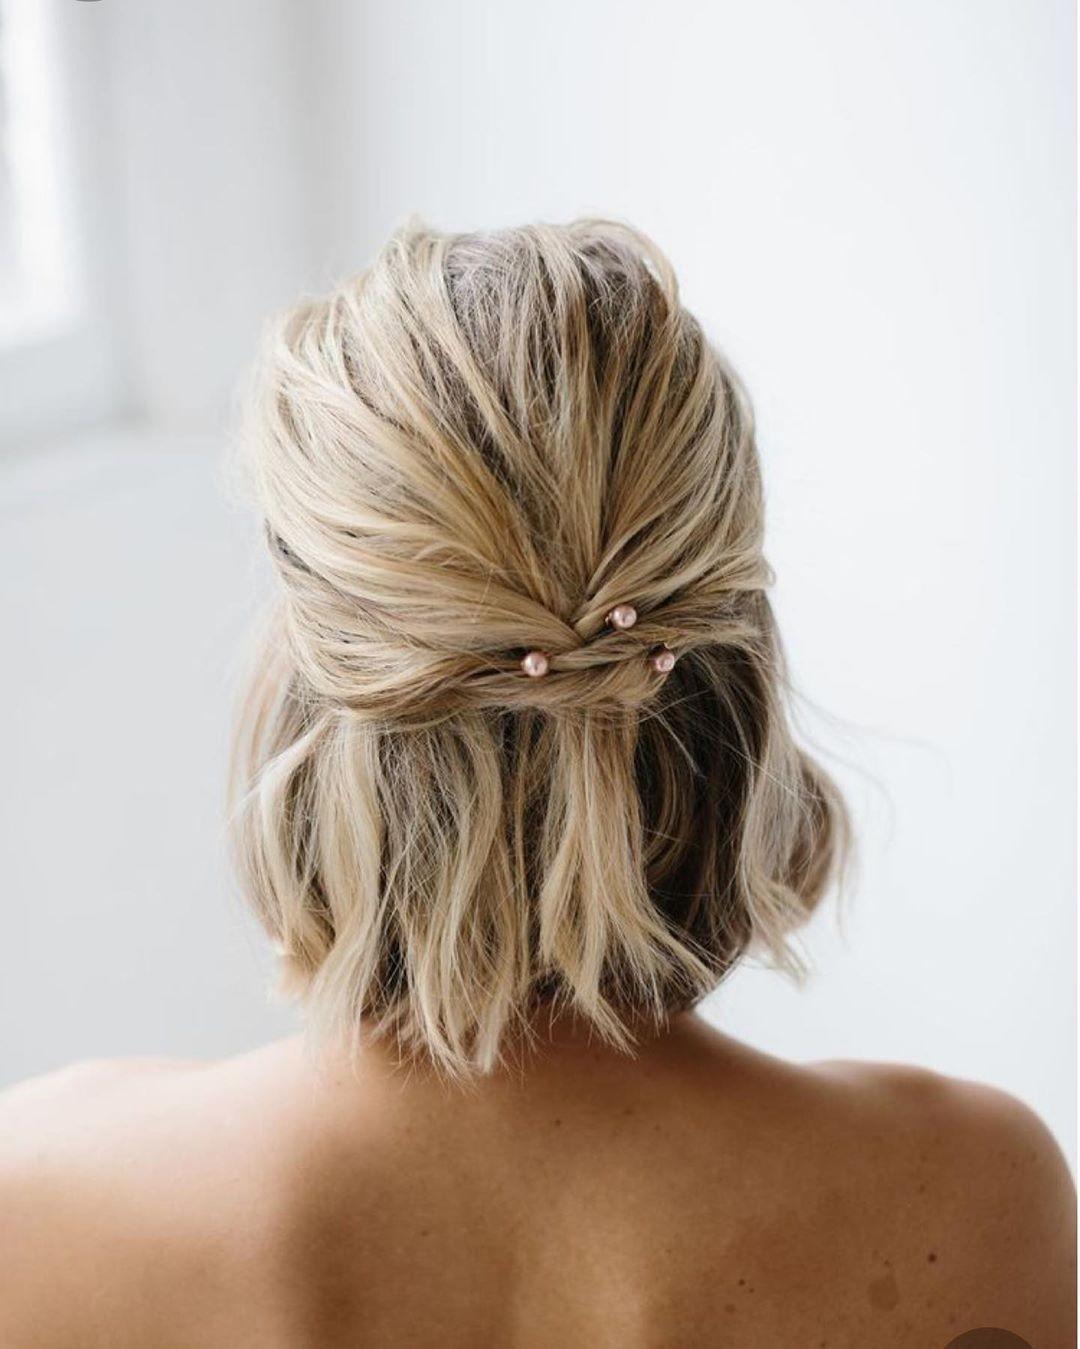 تسريحات للشعر القصير للمناسبات ـ الشعر الملتوي من الخلف